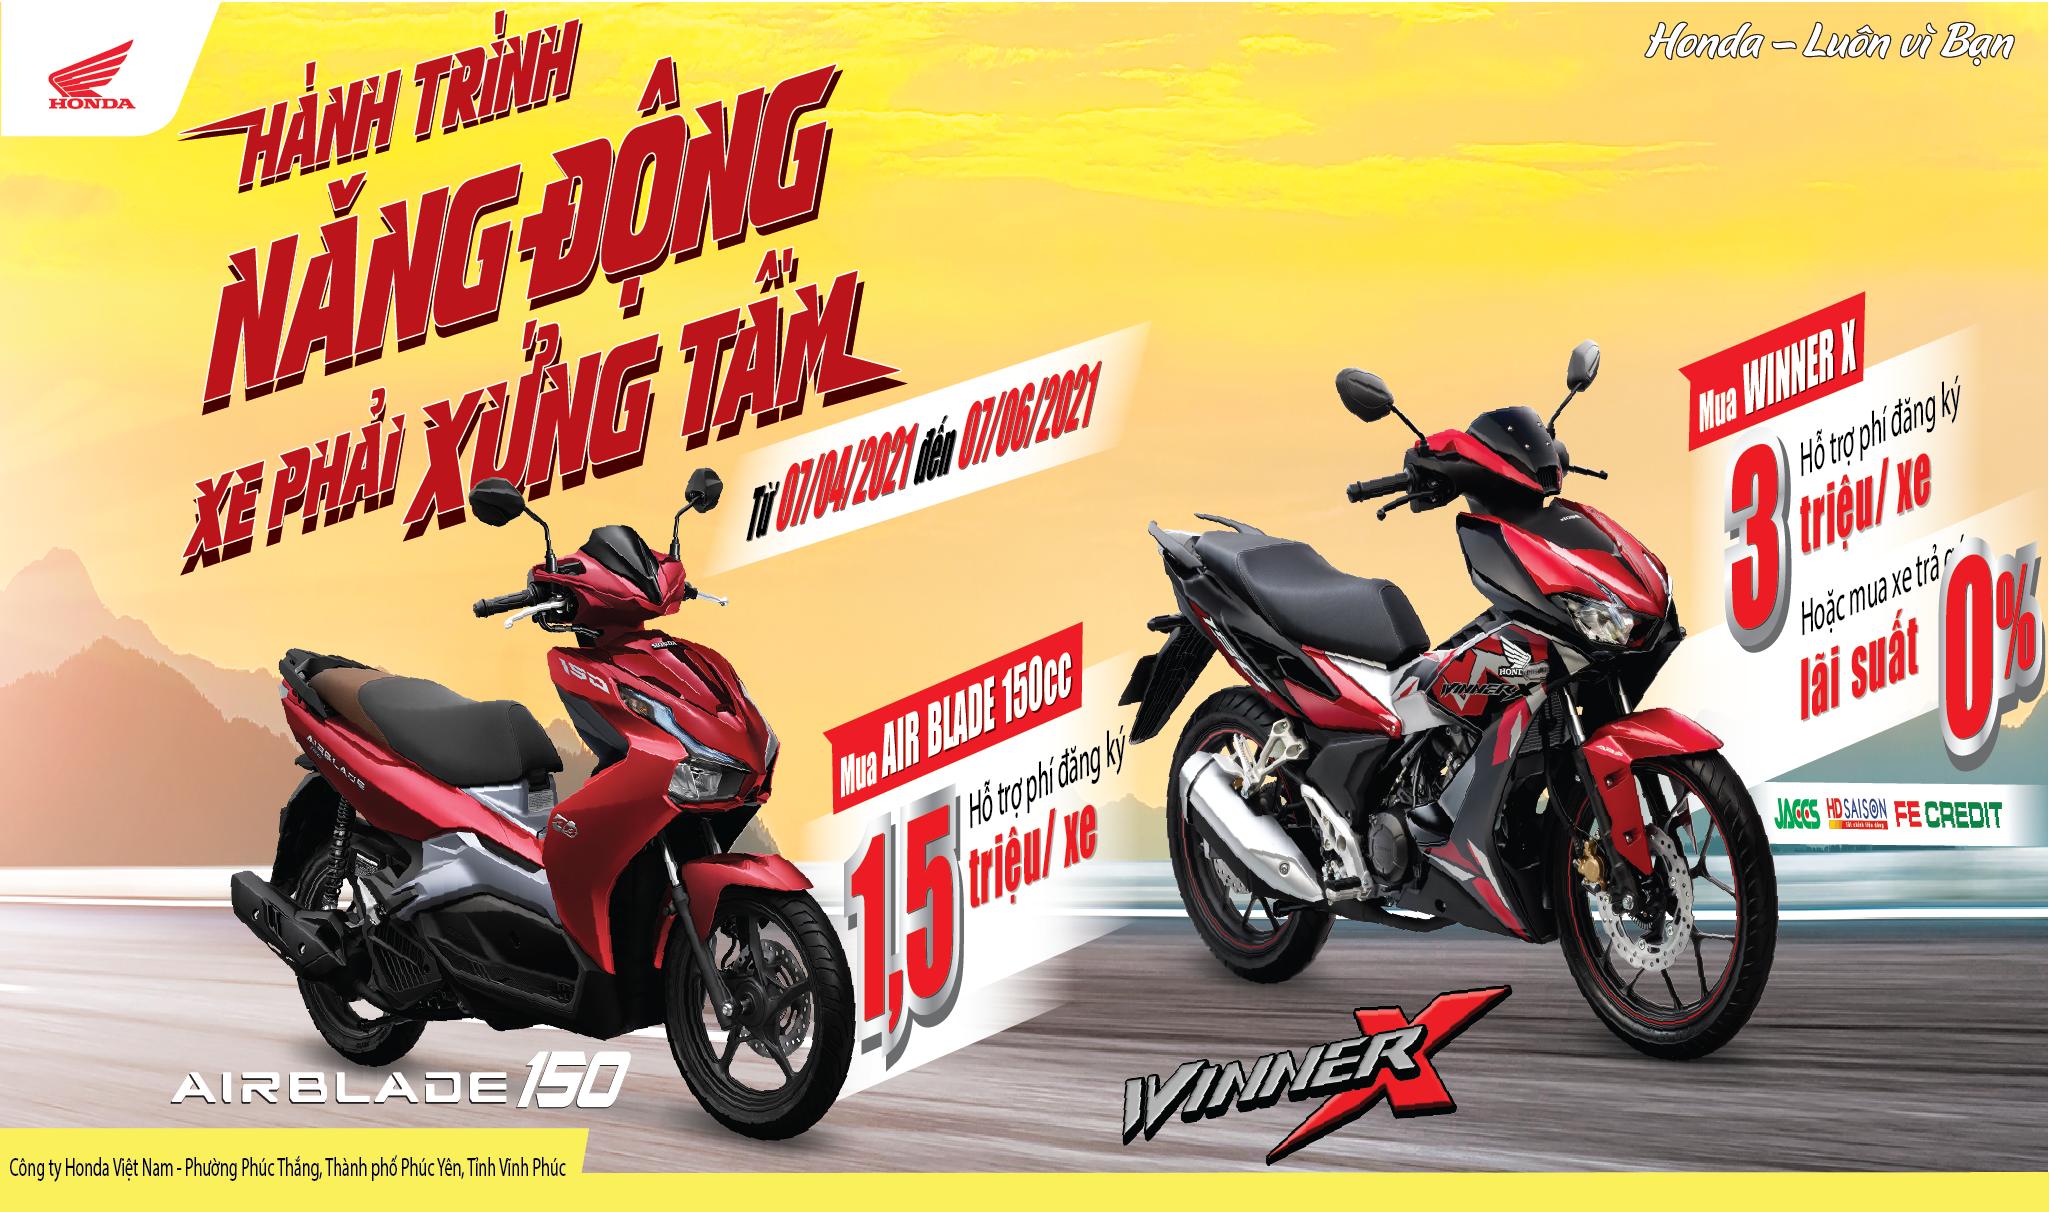 """Honda Việt Nam dành ưu đãi hấp dẫn cho khách hàng mua xe WINNER X & Air Blade 150cc – """"Hành trình năng động, Xe phải xứng tầm"""""""